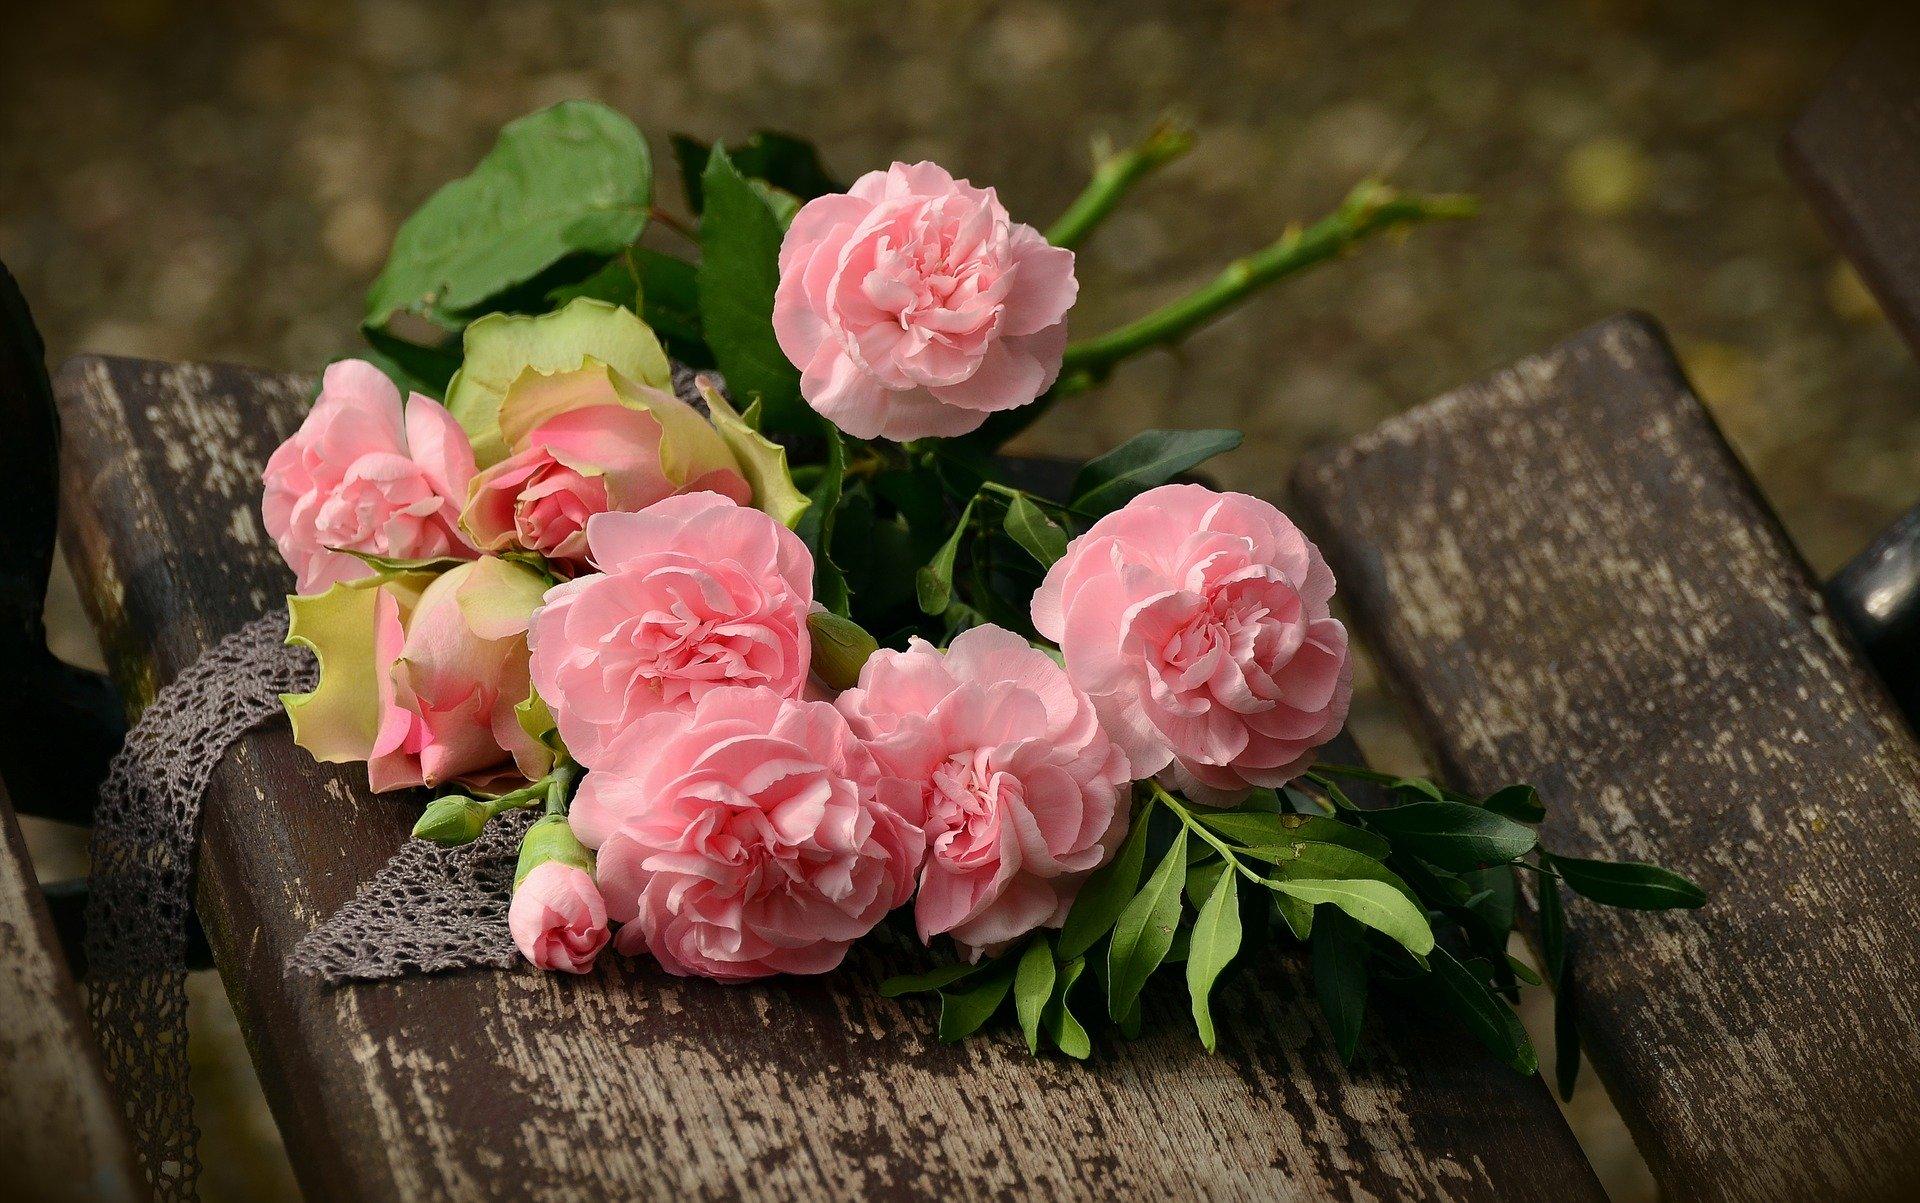 bouquet-1463562_1920